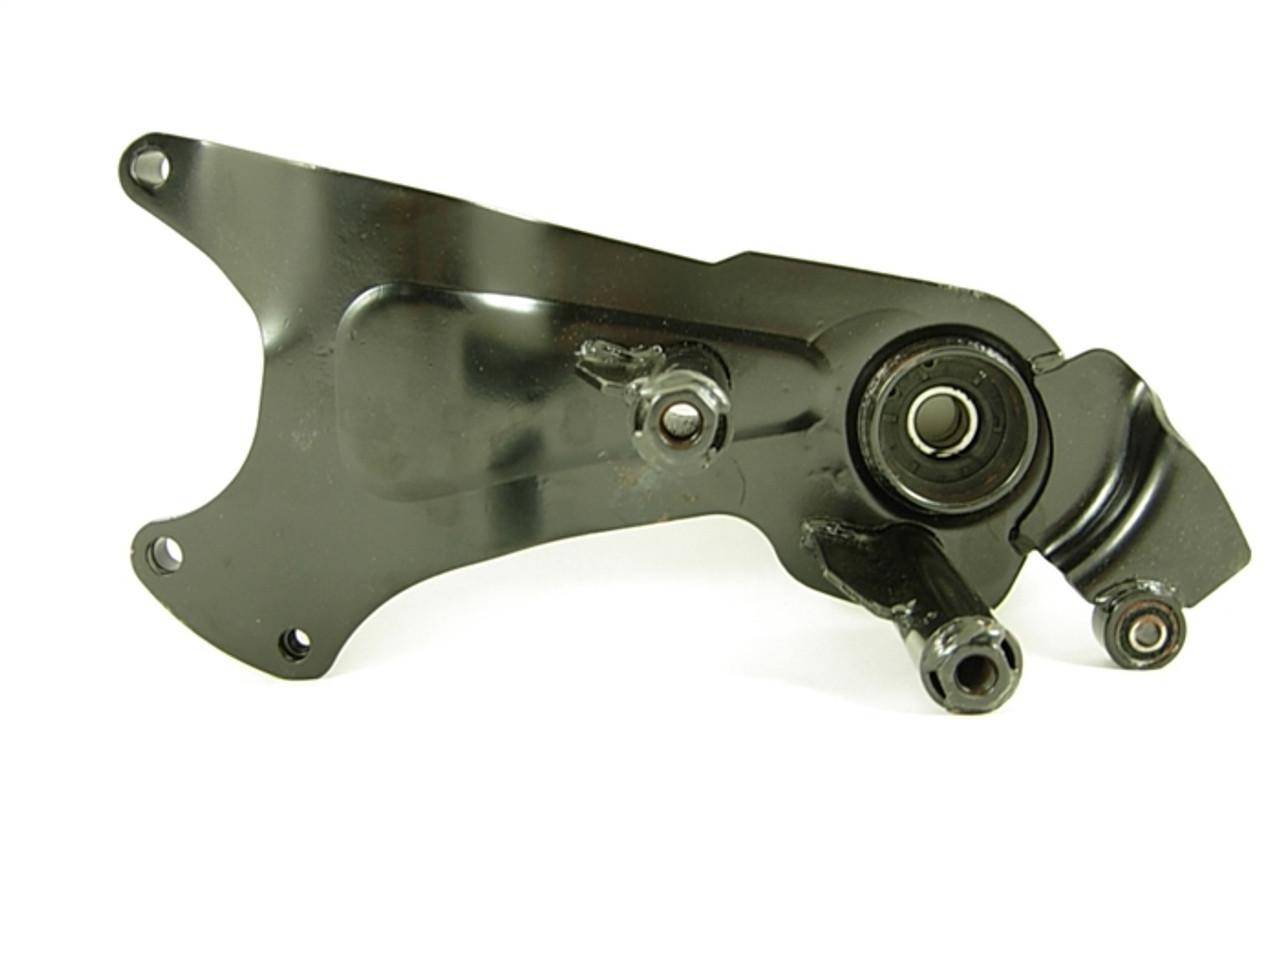 SWING ARM /MUFFLER/EXHAUST BRACKET 12691-A150-9